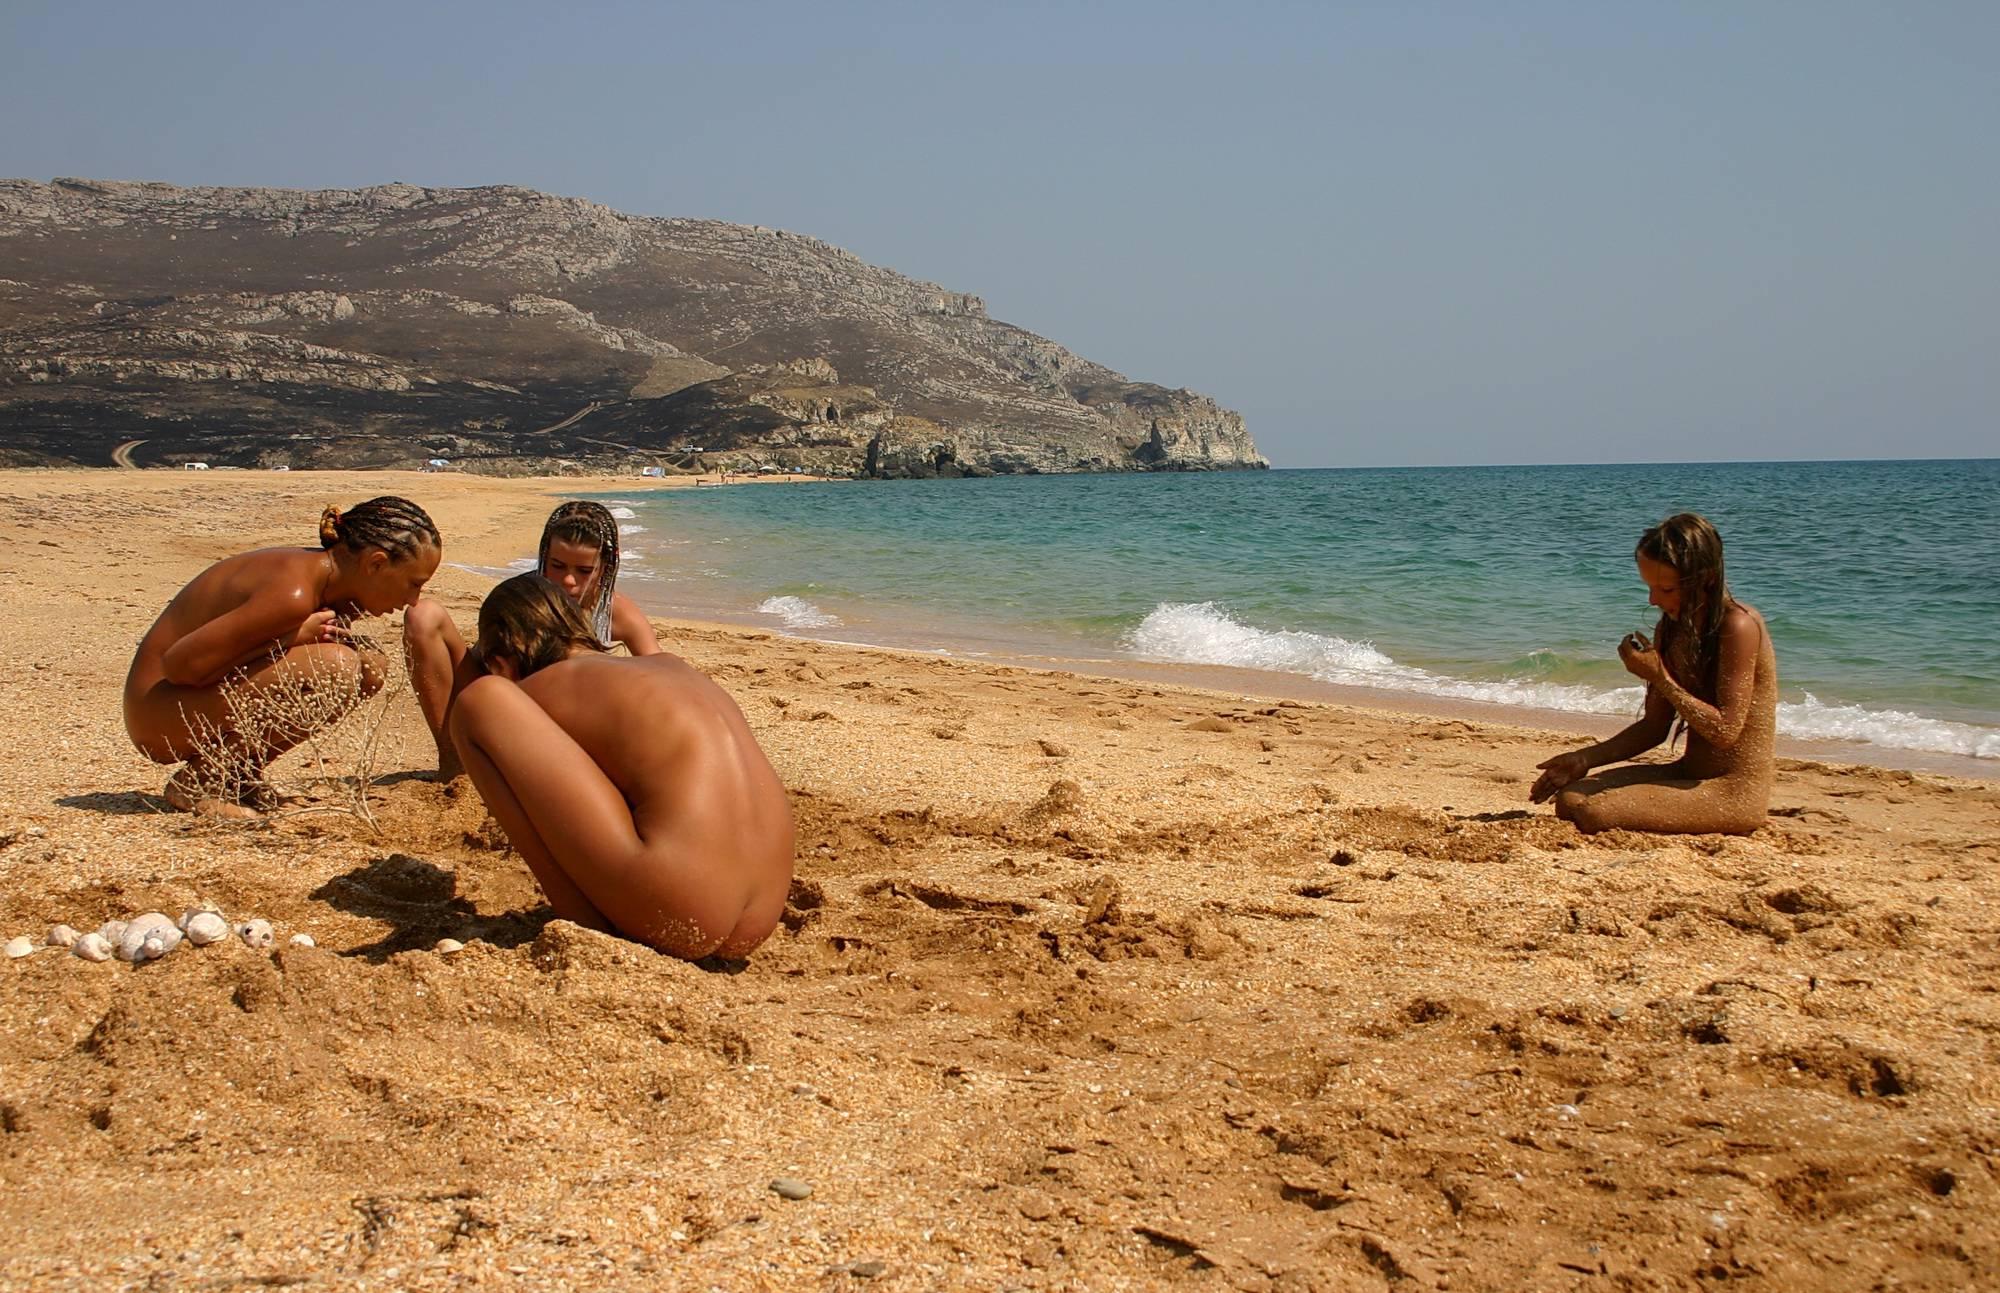 Beachside Sandy Mermaid - 2